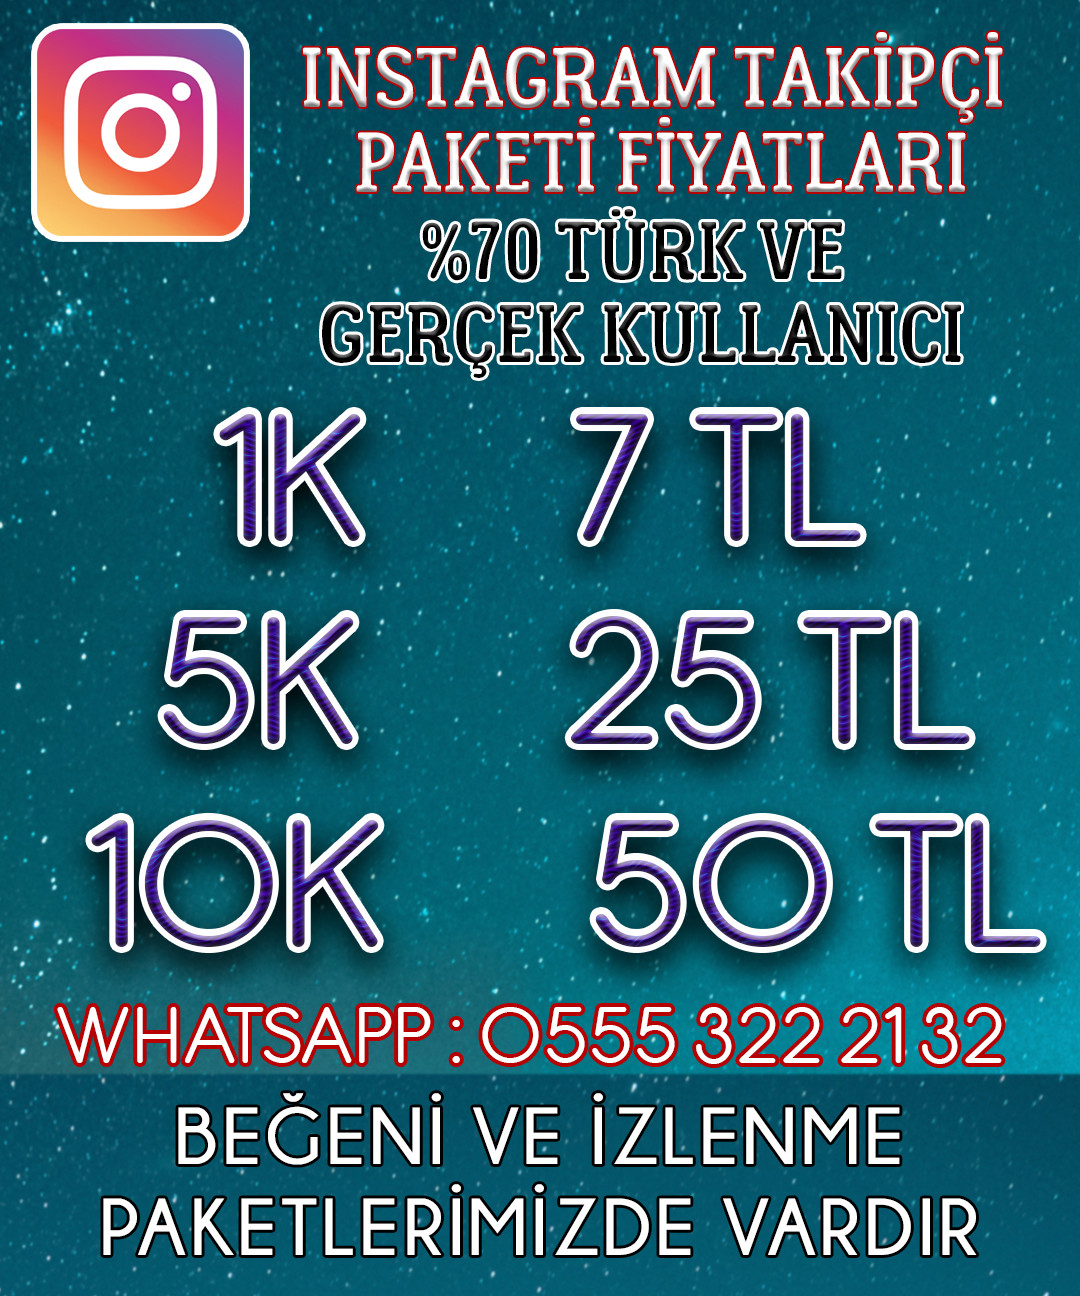 Instagram Takipçi İçin - % 100 TÜRK MEVCUT